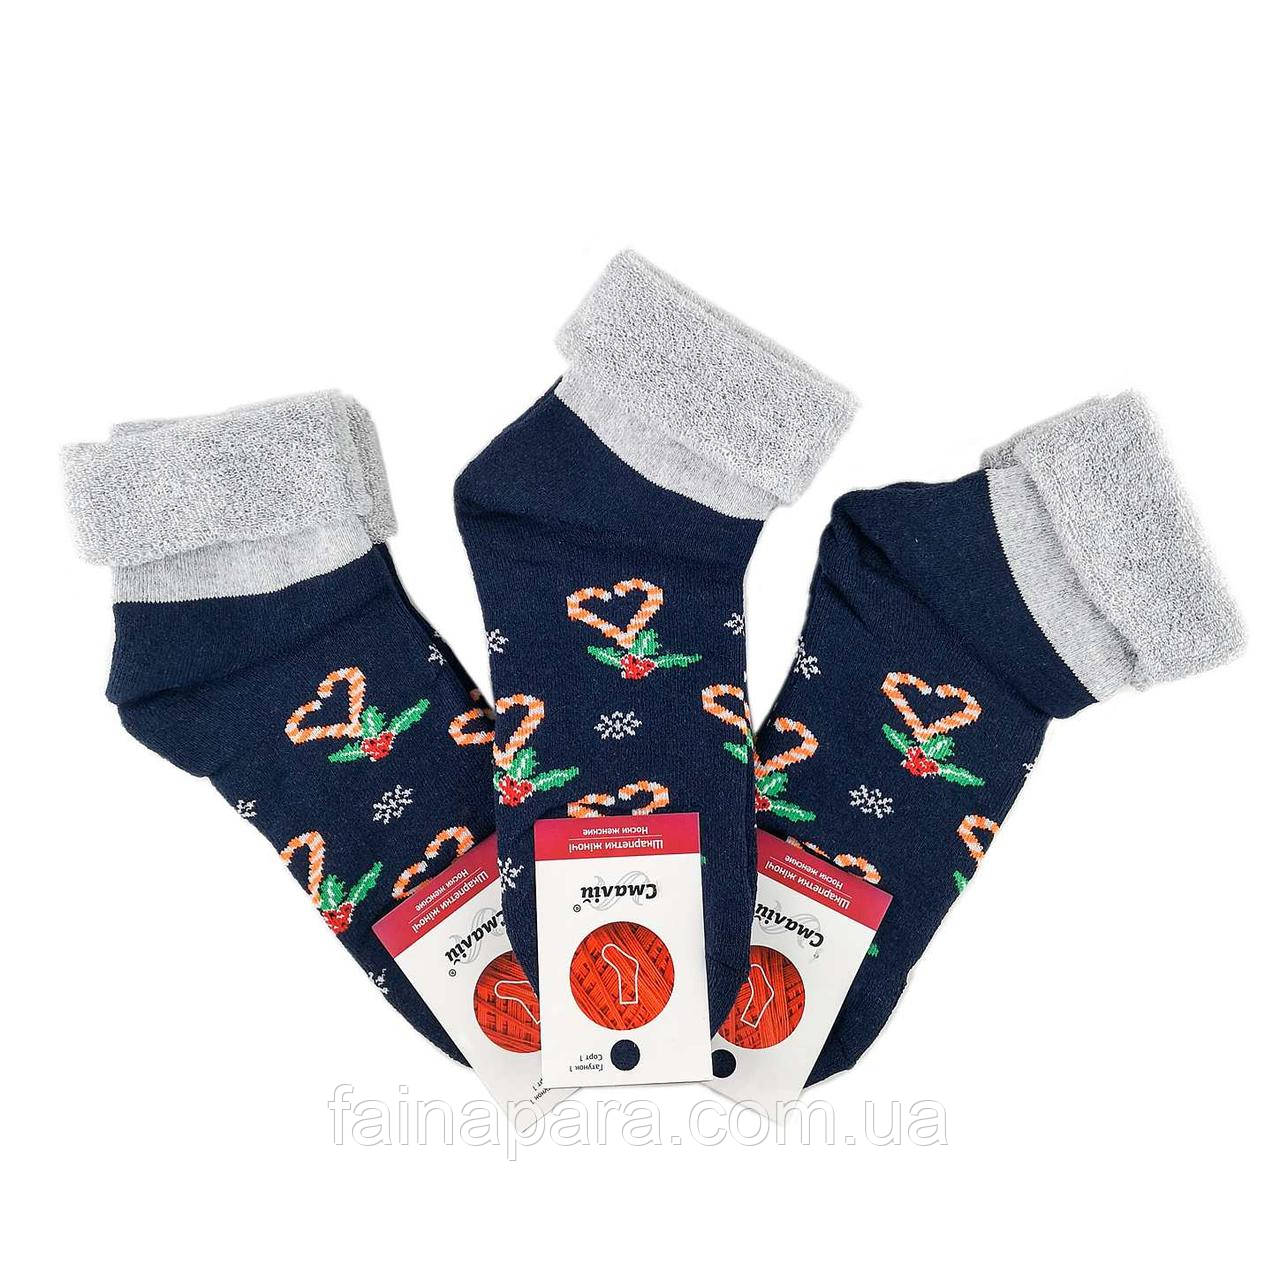 Женские новогодние махровые носки с отворотом